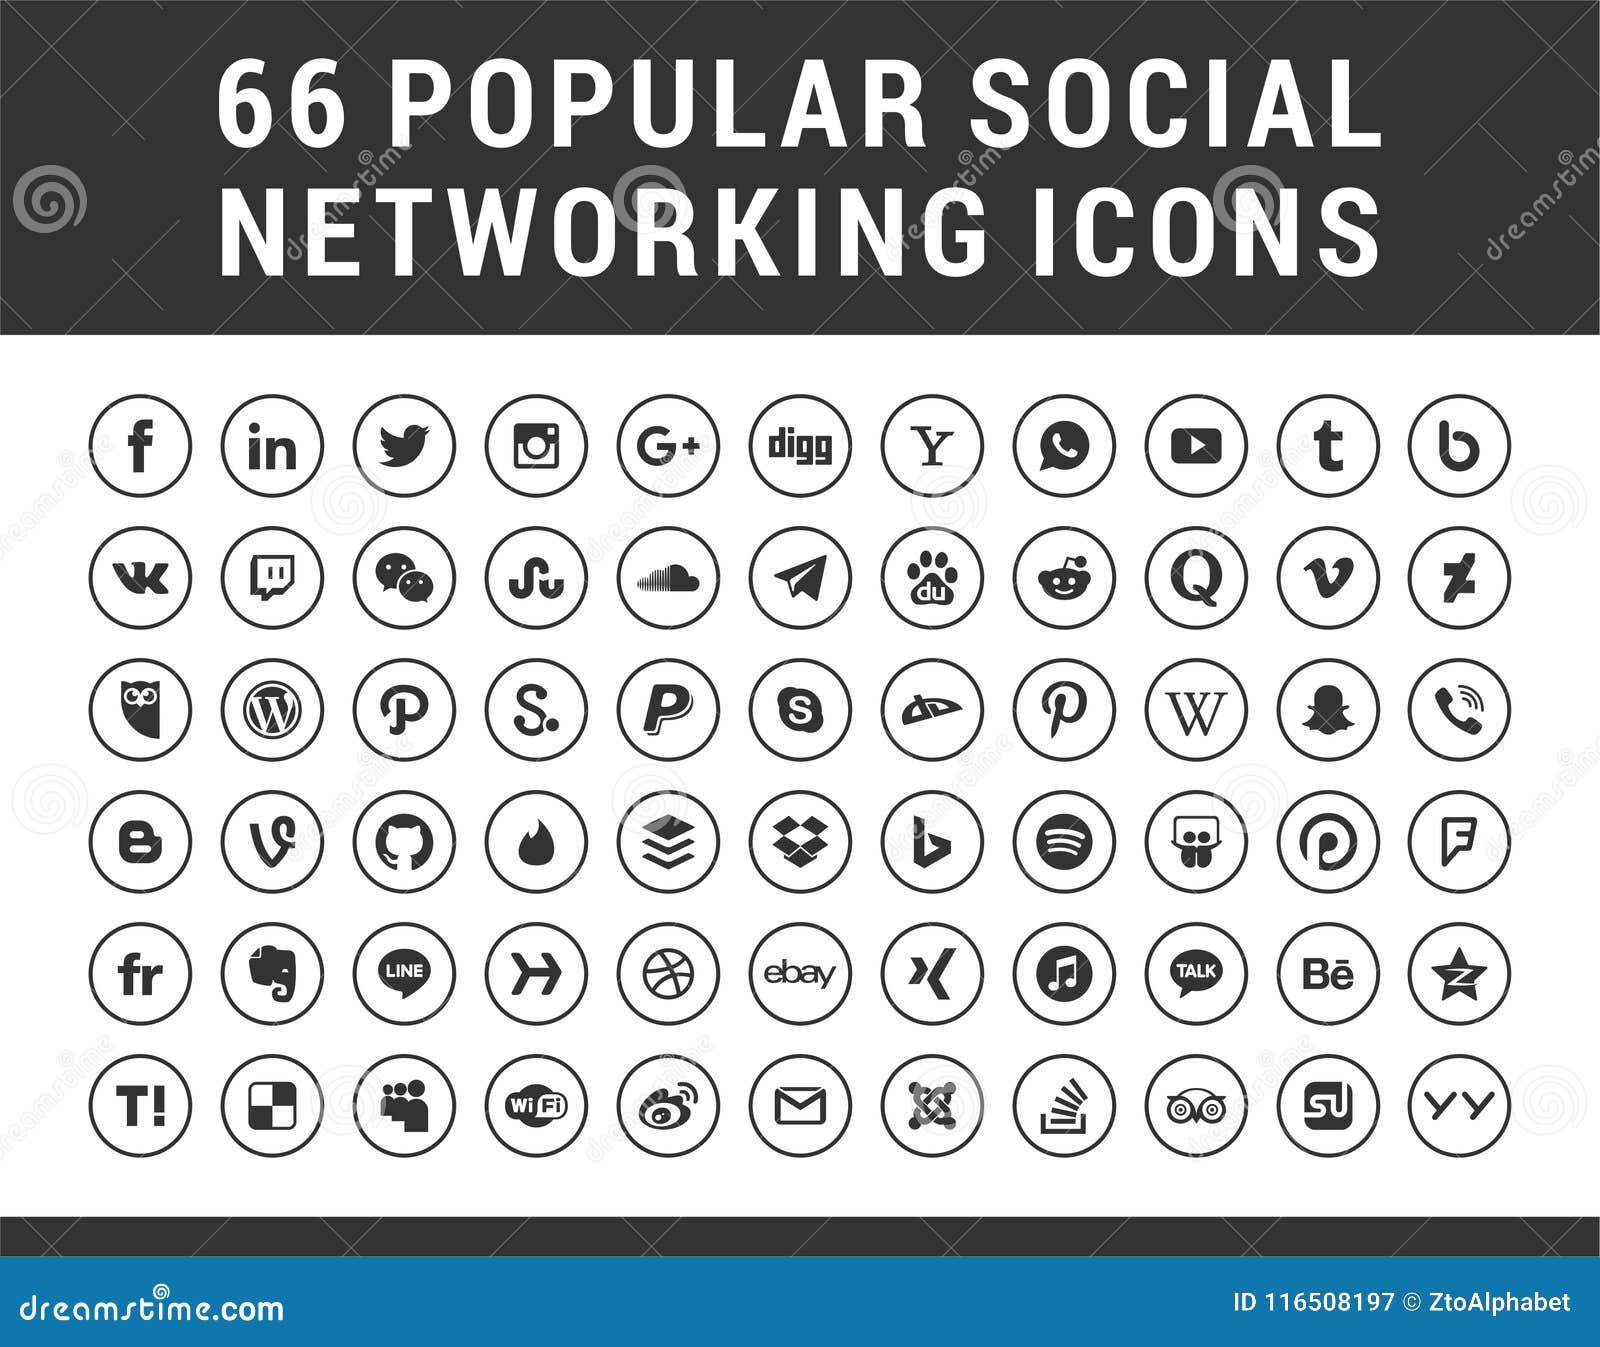 66 populäres Social Media, gesetzte Ikonen Kreis der Vernetzung